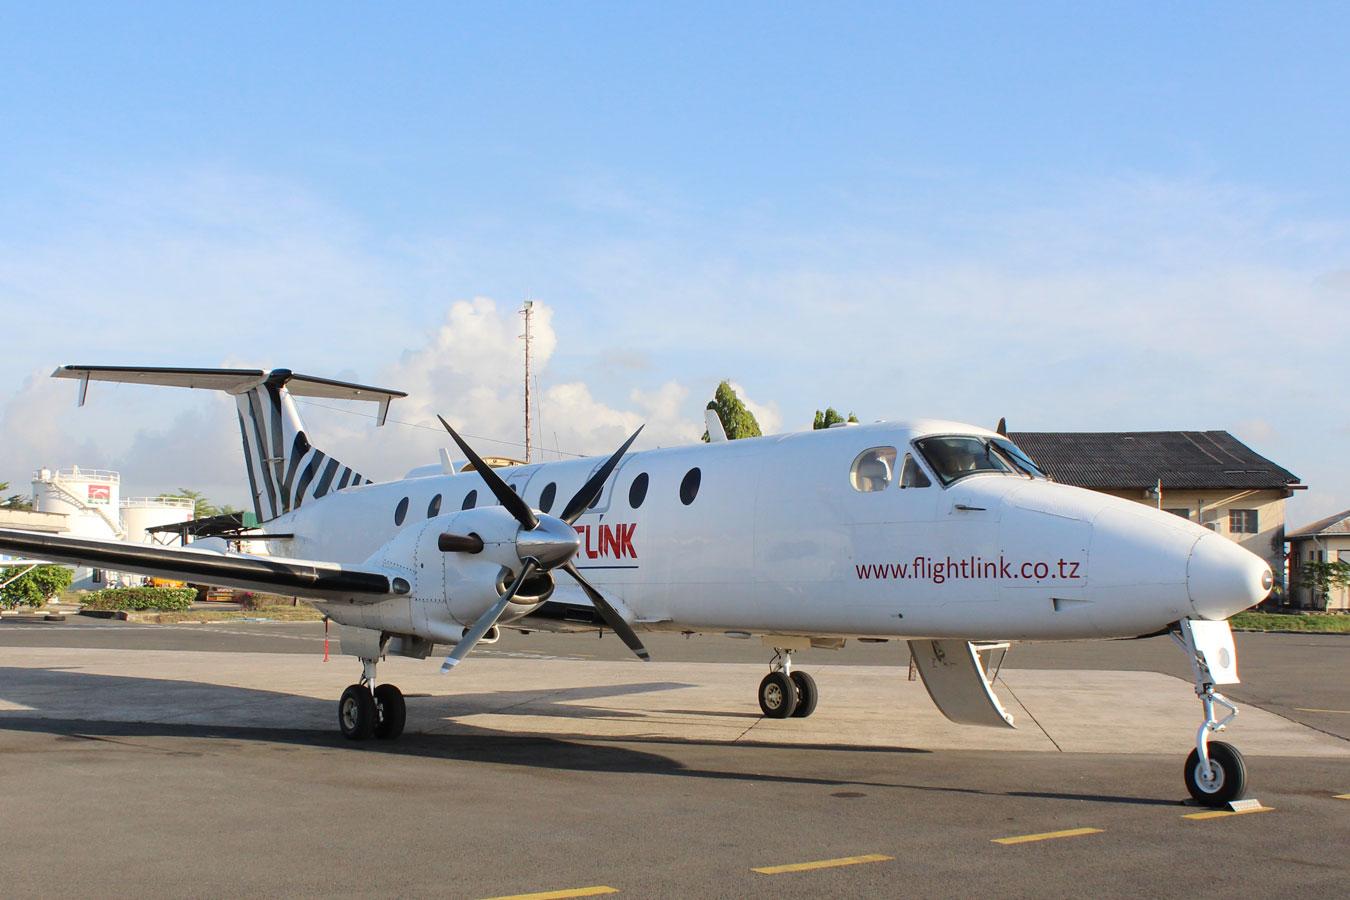 65 - Аэропорт Кейп-Глостер  (Caip Gluster ) коды IATA: CGC ICAO: AYCG город: Кейп-Глостер  (Caip Gluster ) страна: Папуа - Новая Гвинея (Papua New Guinea)